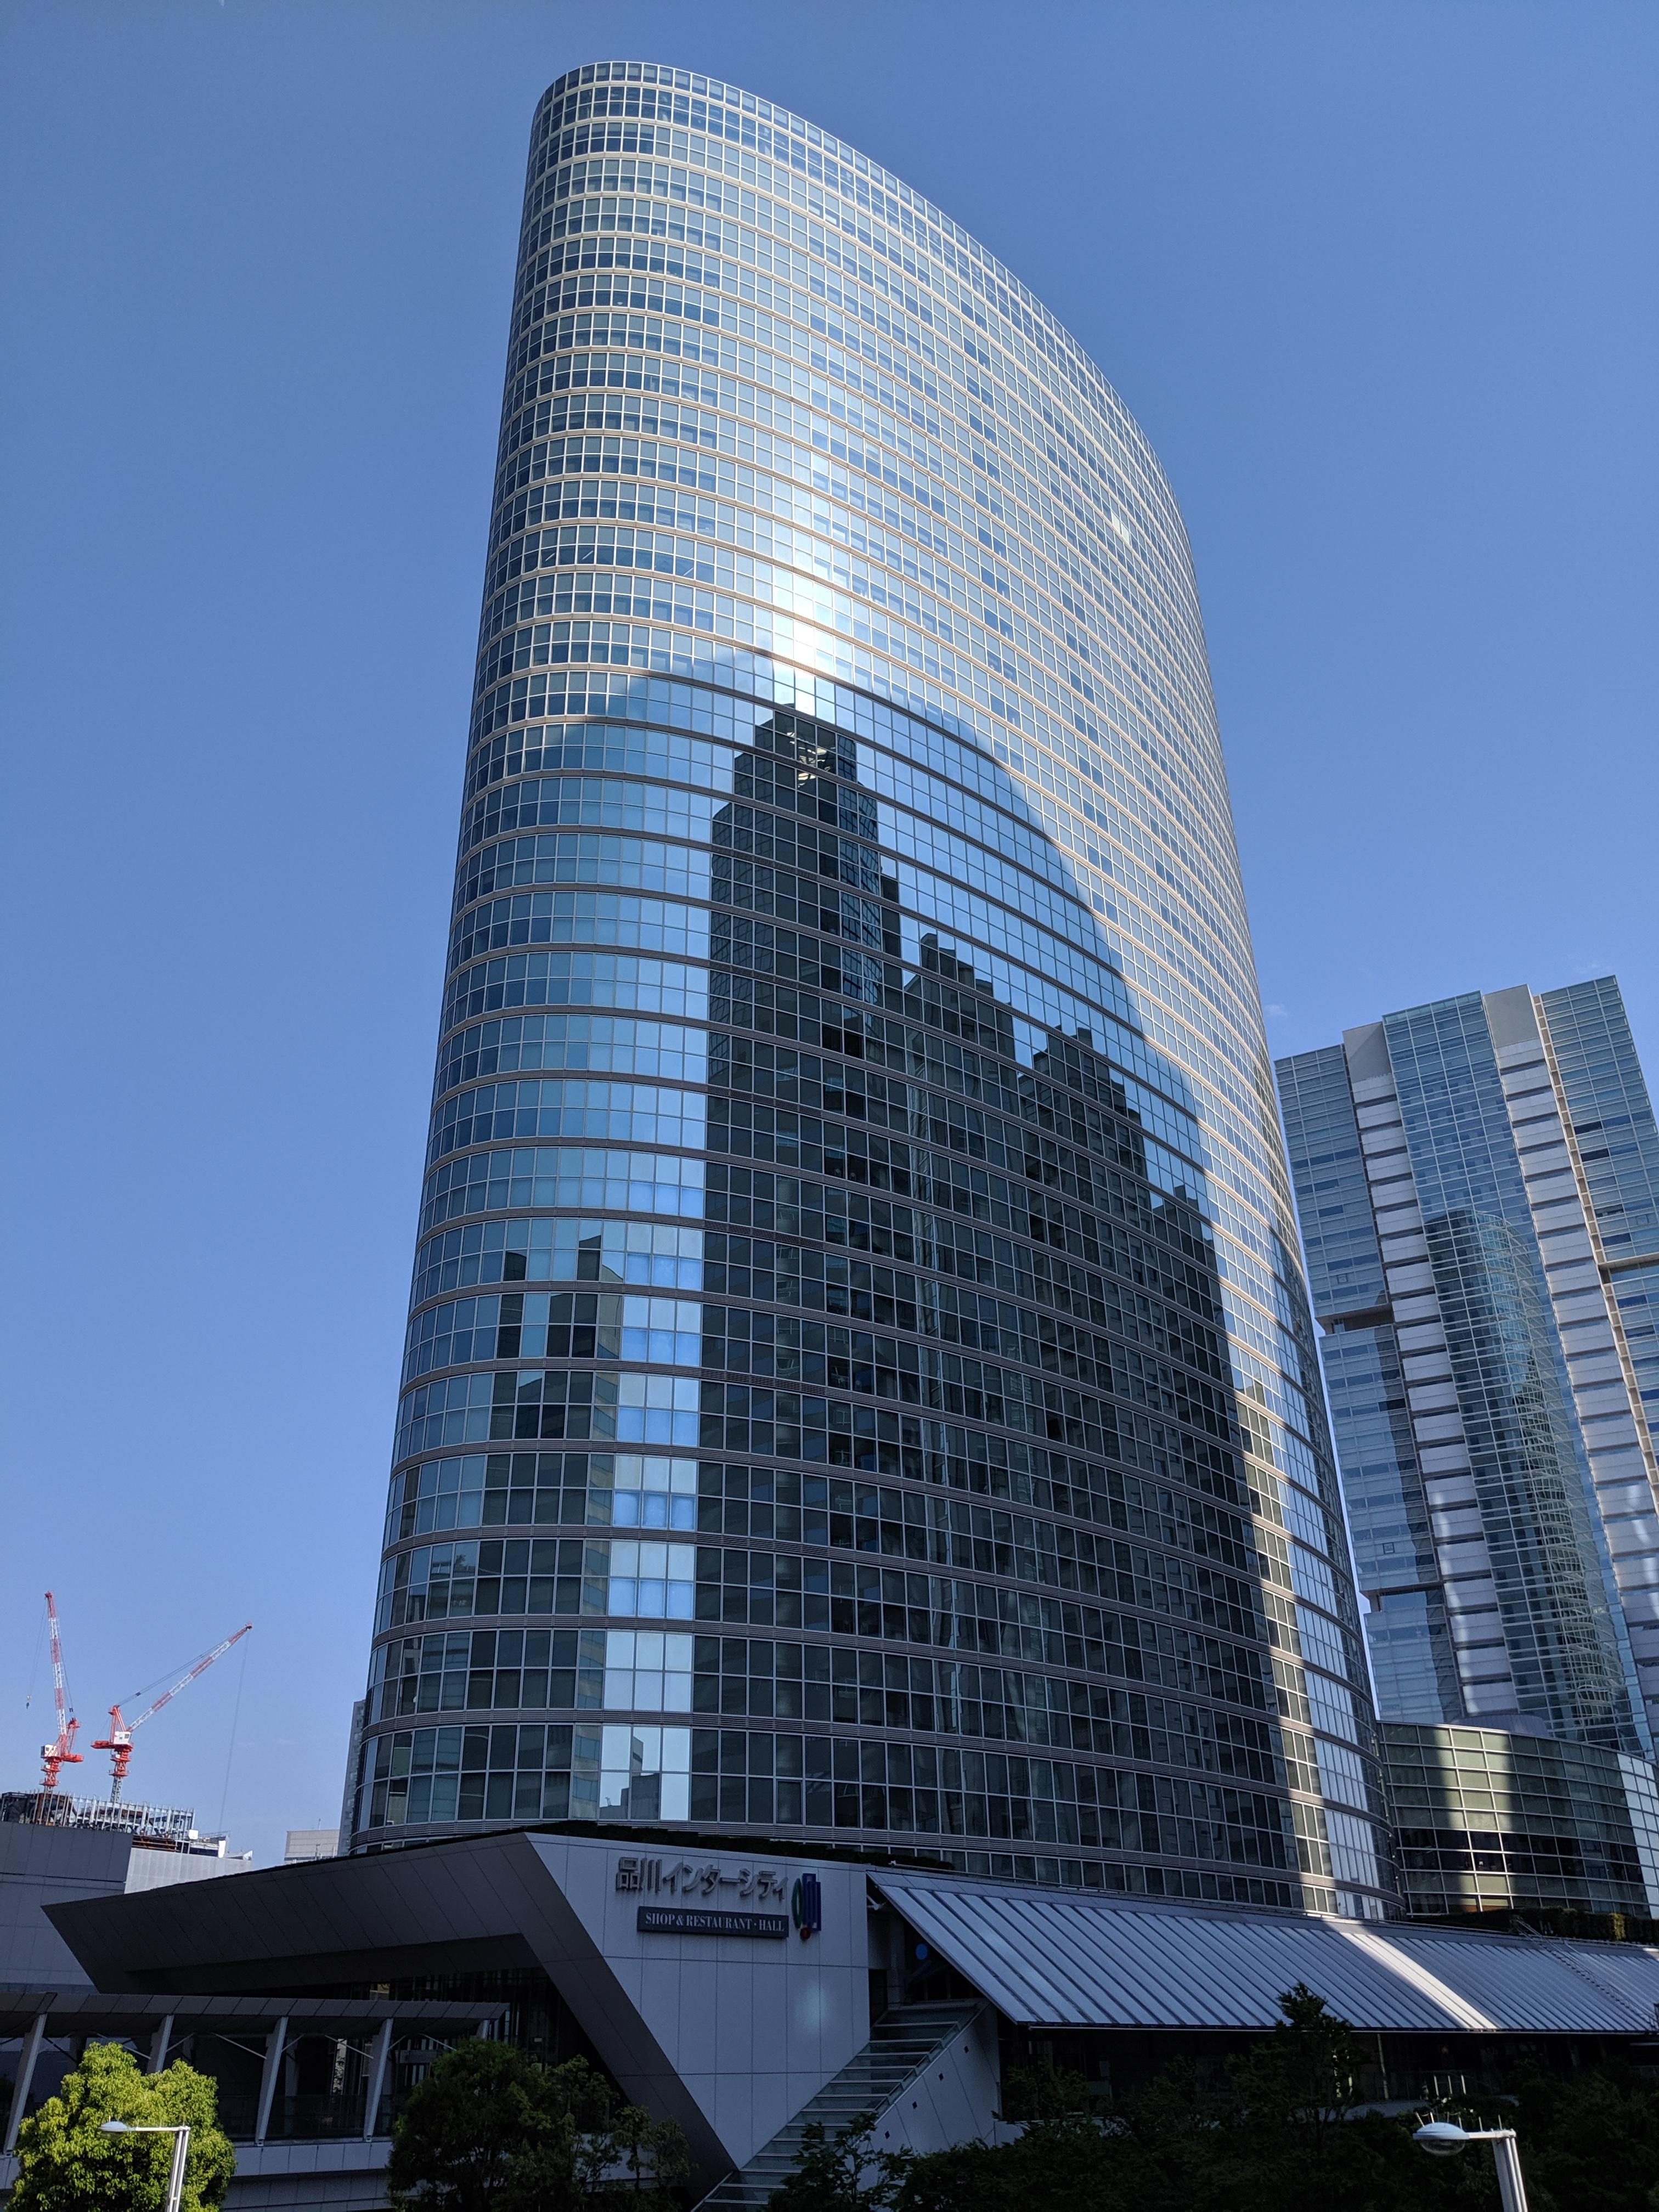 Pixel 3aで建物を撮影。青空が鮮やかだが、日陰の部分もディテールがわかるレベルで撮影できている。リンク先は3021×4032ドット